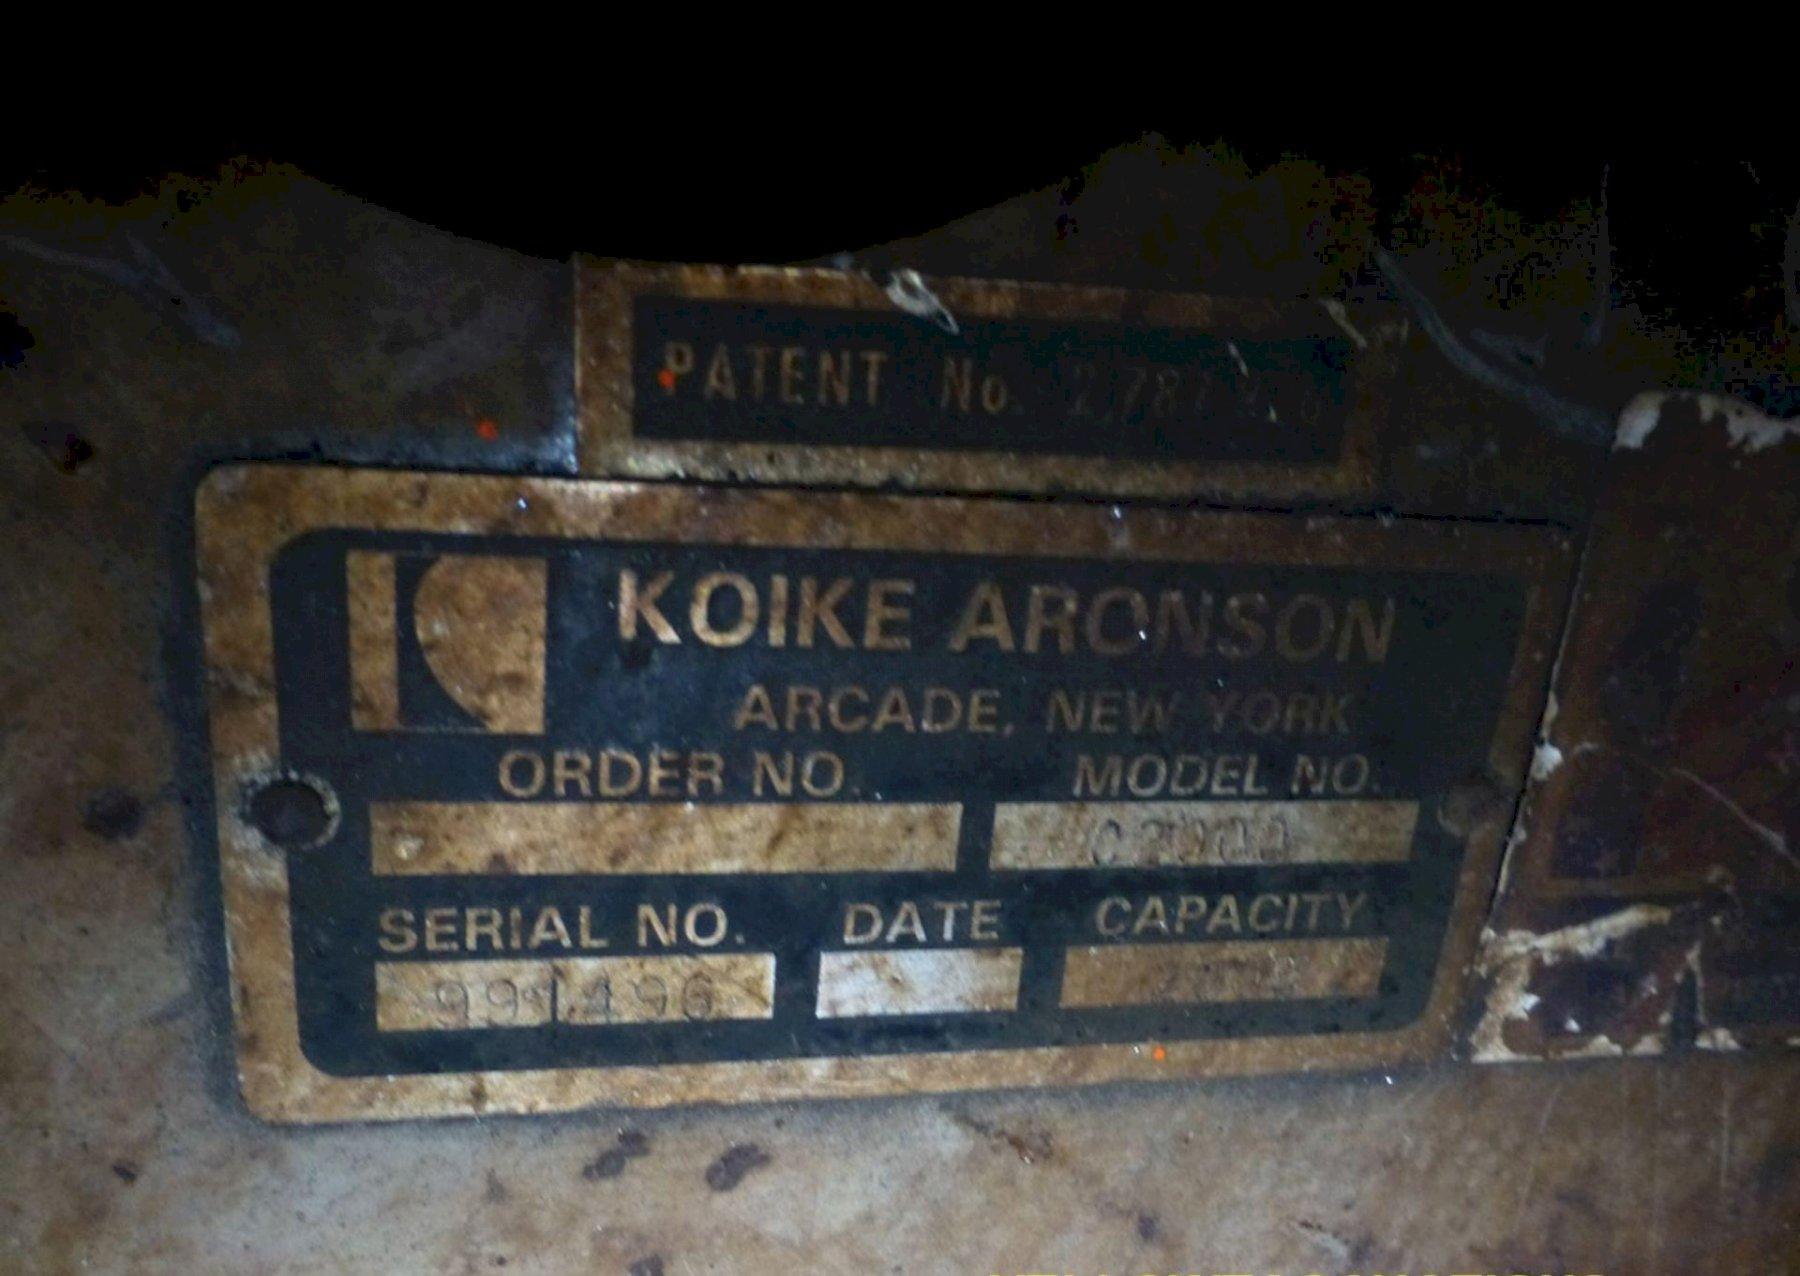 KOIKE ARONSON MODEL #C2000 UNIVERSAL WELDING POSITIONER: STOCK #73303